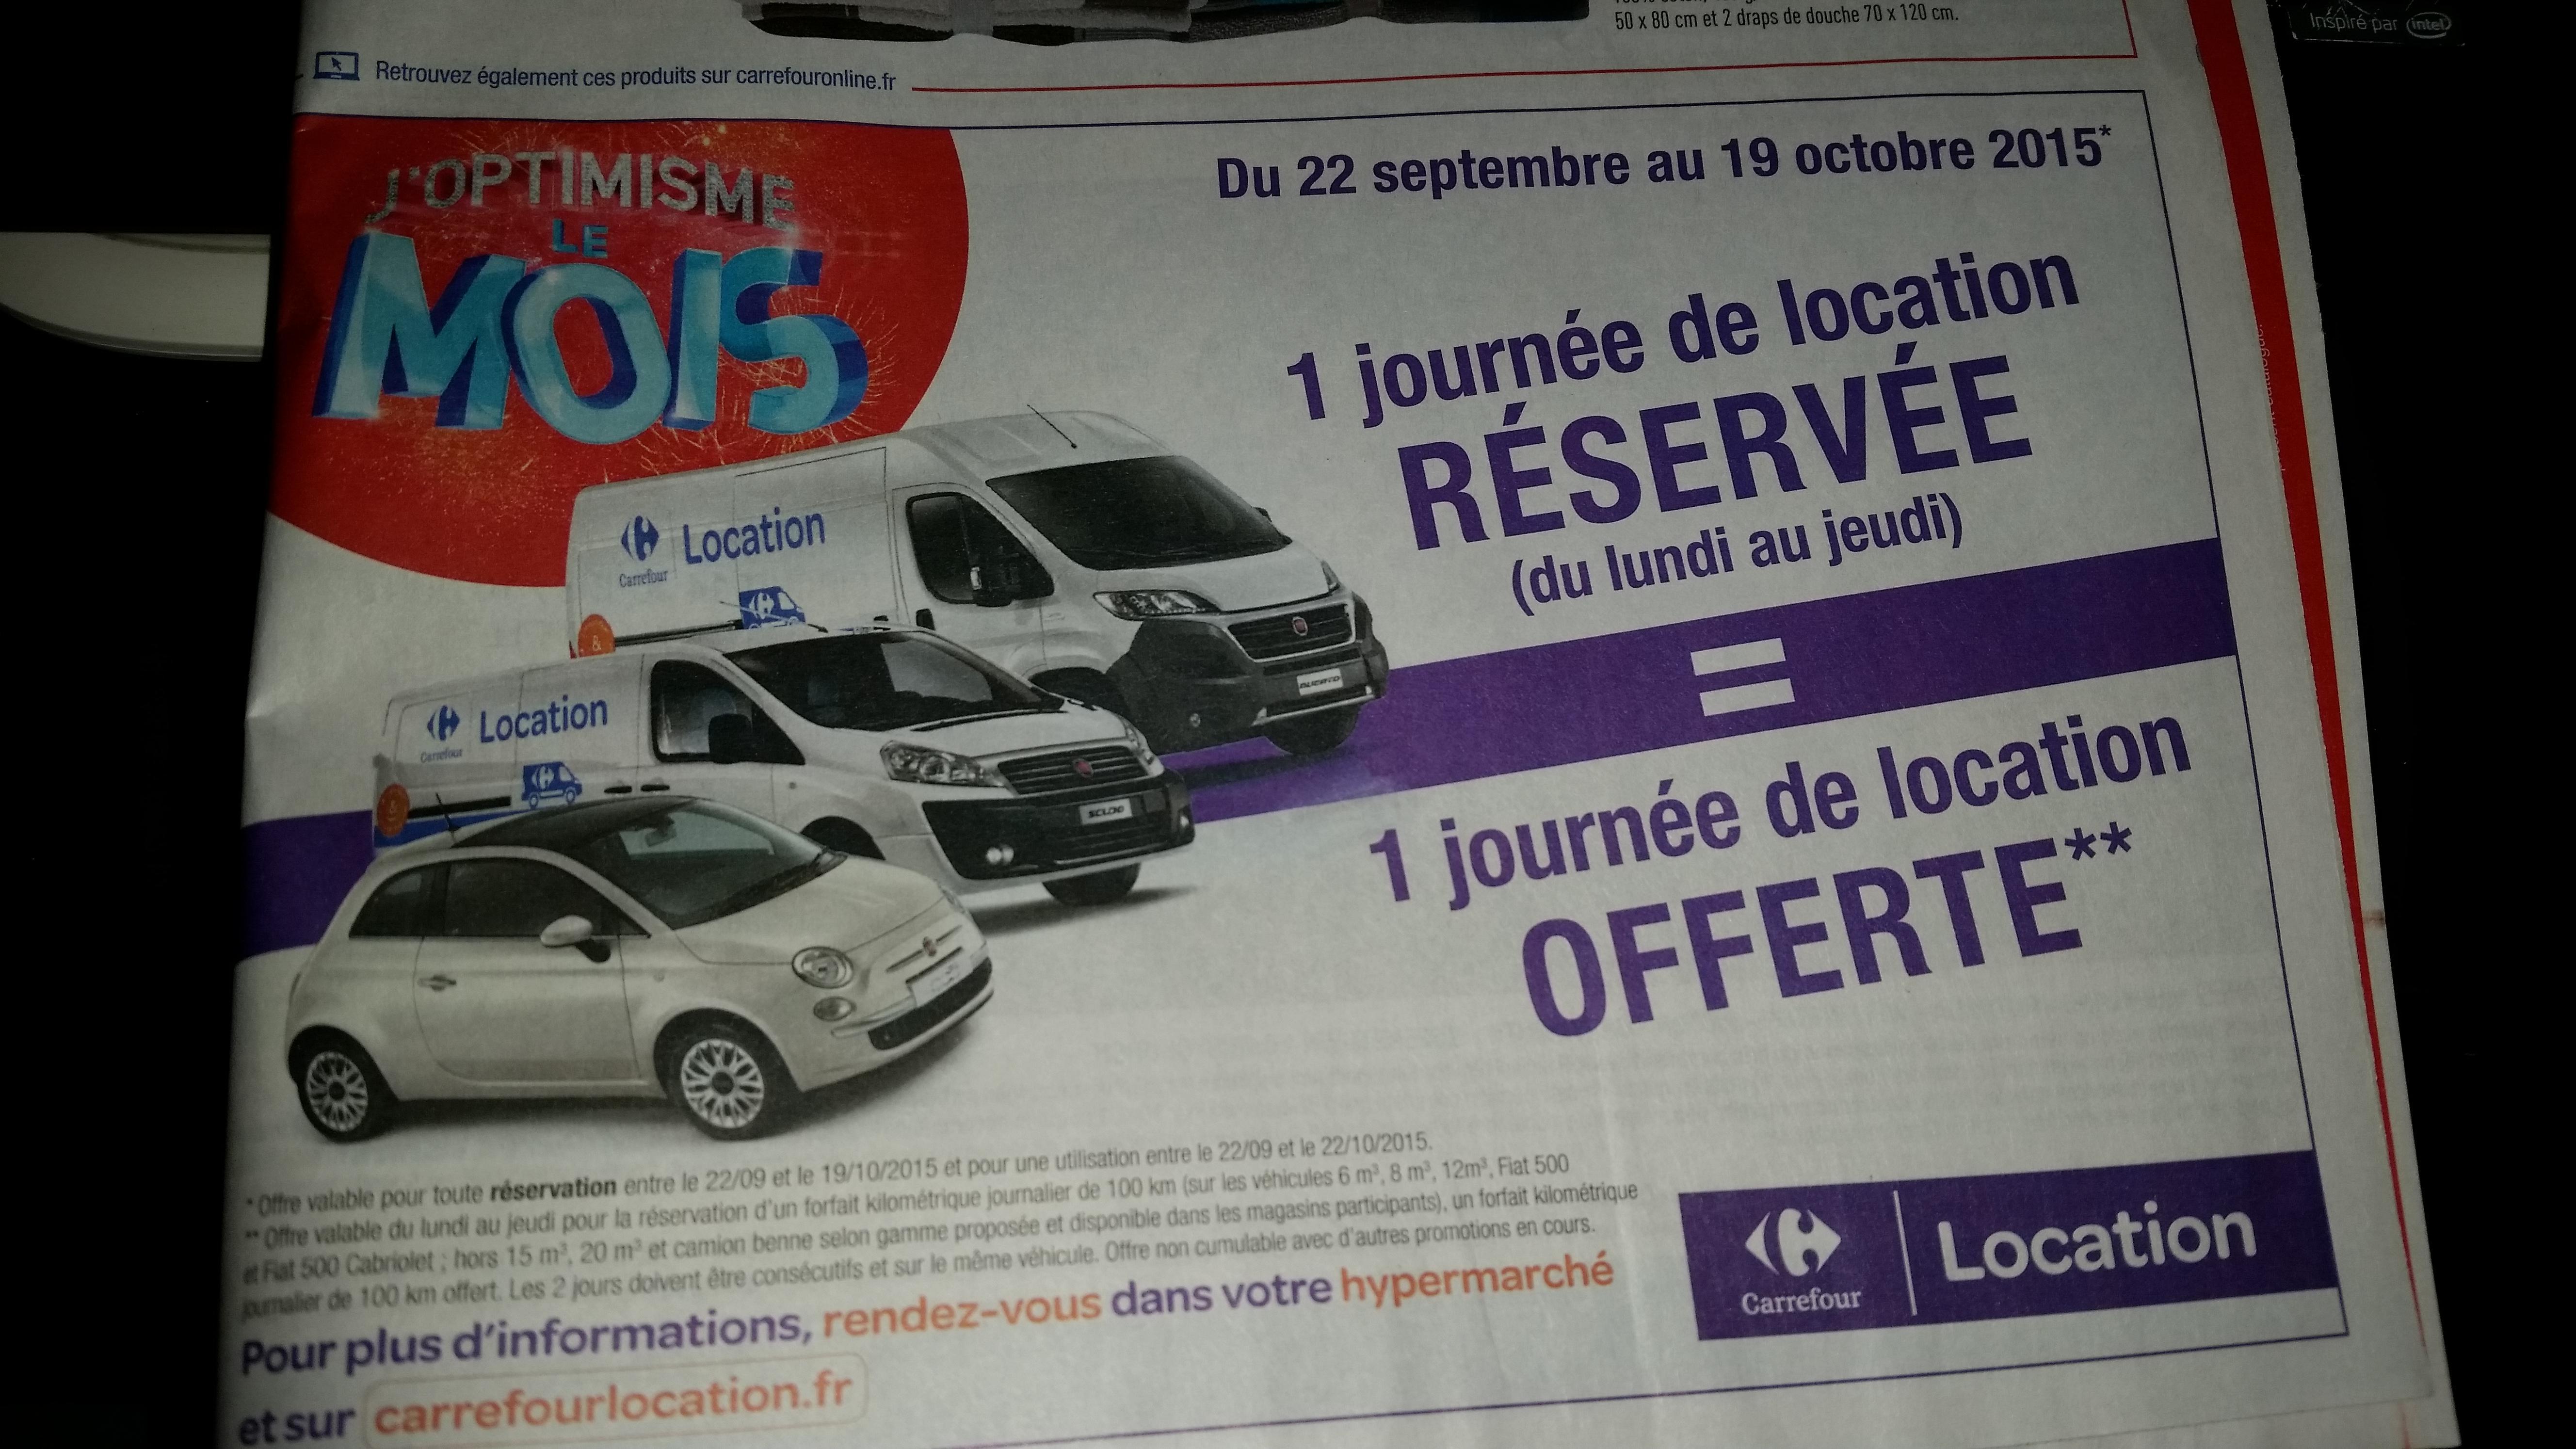 1 journée de location offerte pour une achetée (pour la réservation d'un forfait kilométrique de 100km et sur une sélection de véhicules)